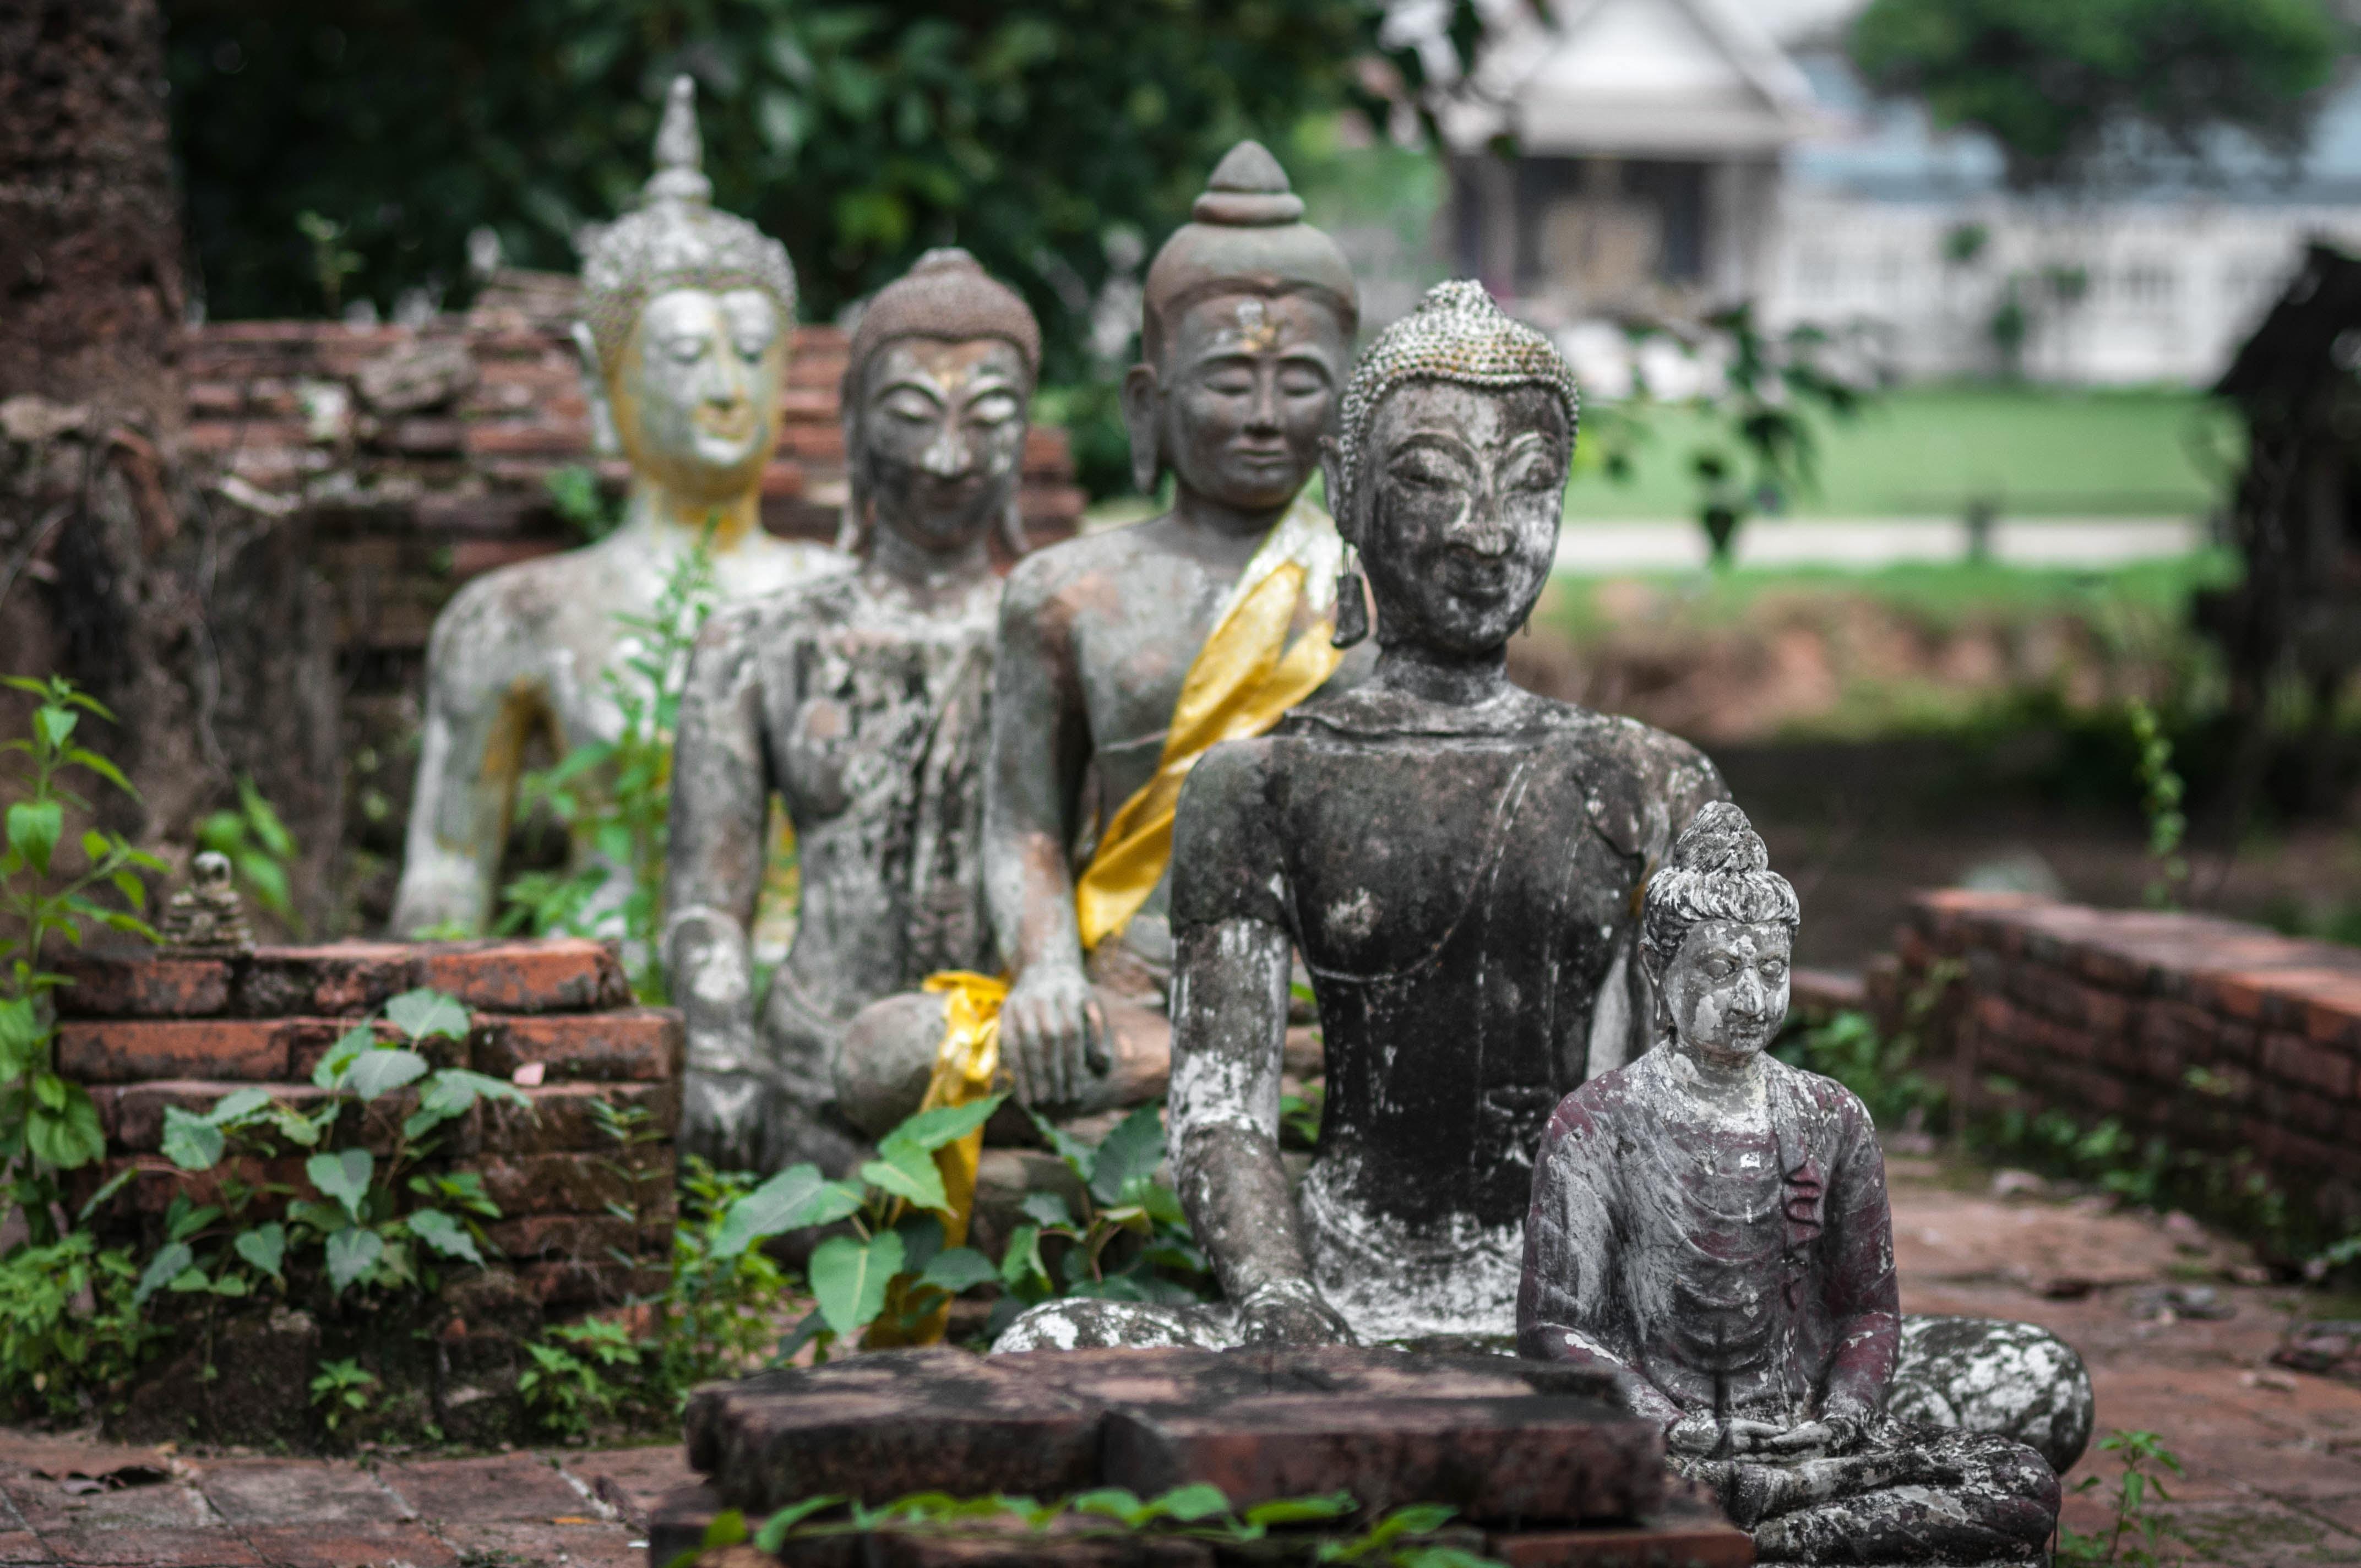 Fotos gratis antiguo monumento estatua budismo religi n asia jard n tailandia orar - Buda jardin ...